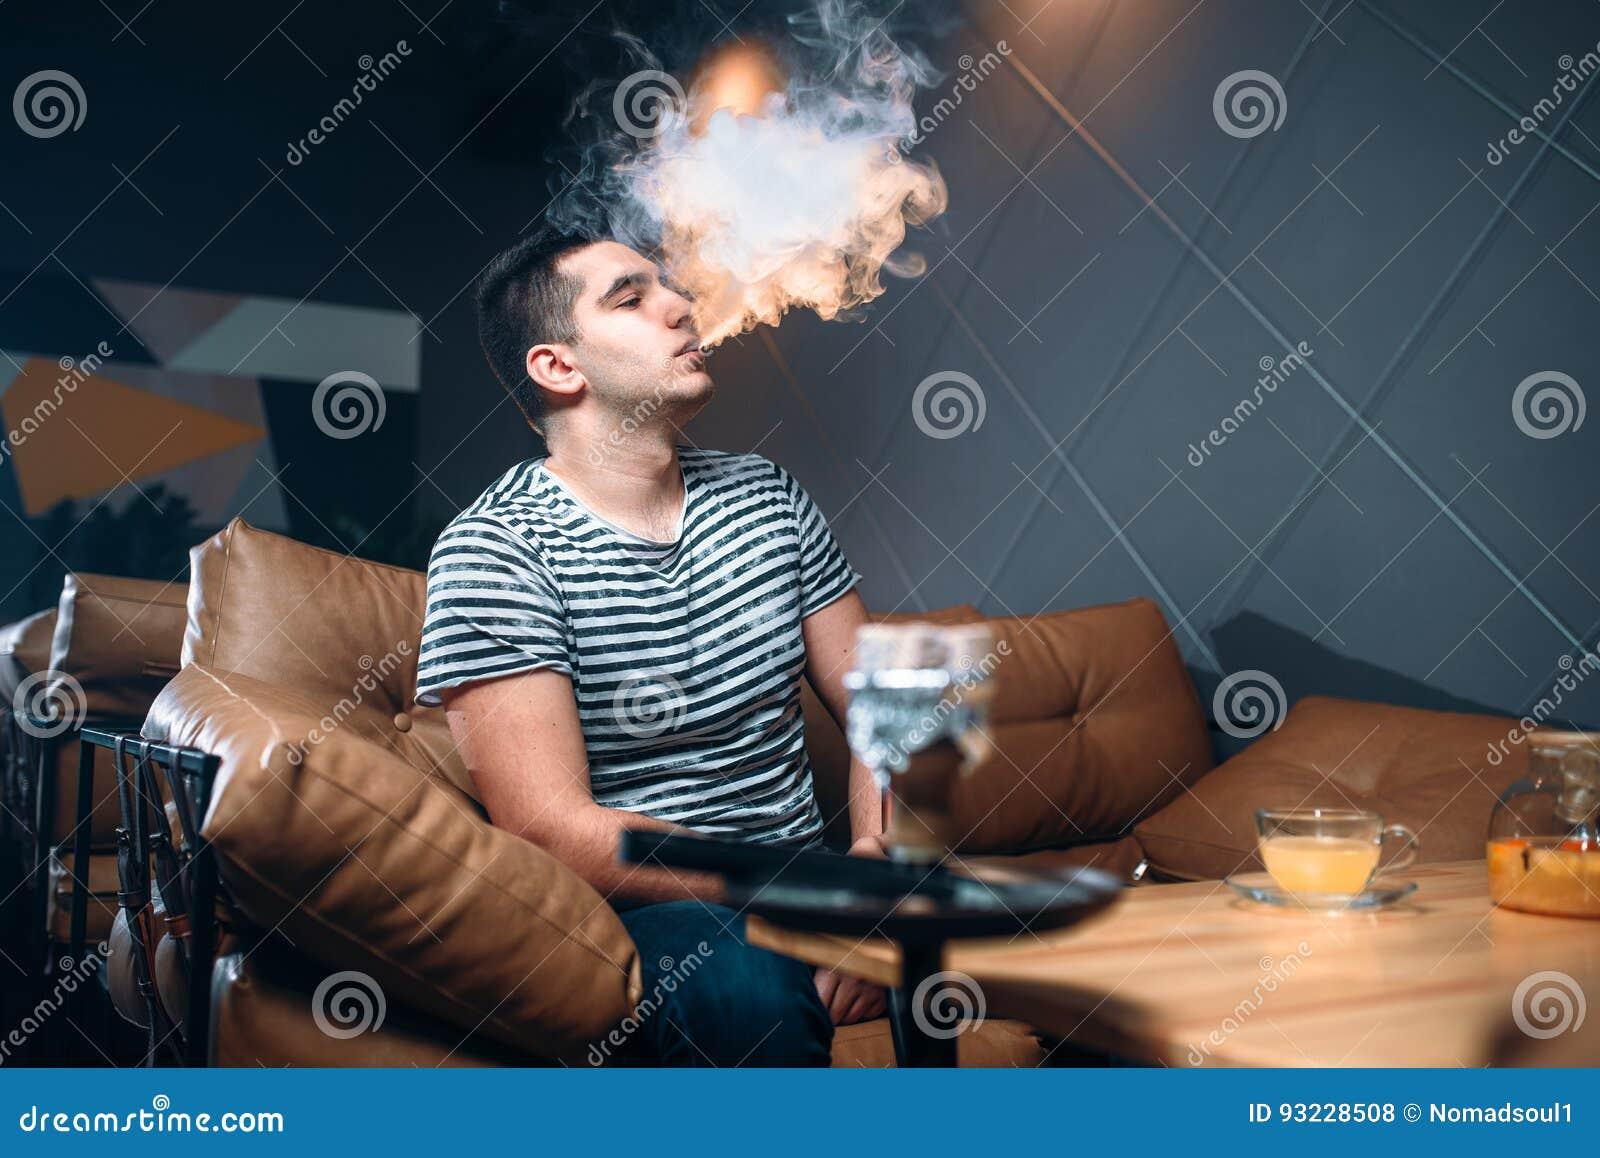 Tabagisme et relaxation de jeune homme à la barre de narguilé